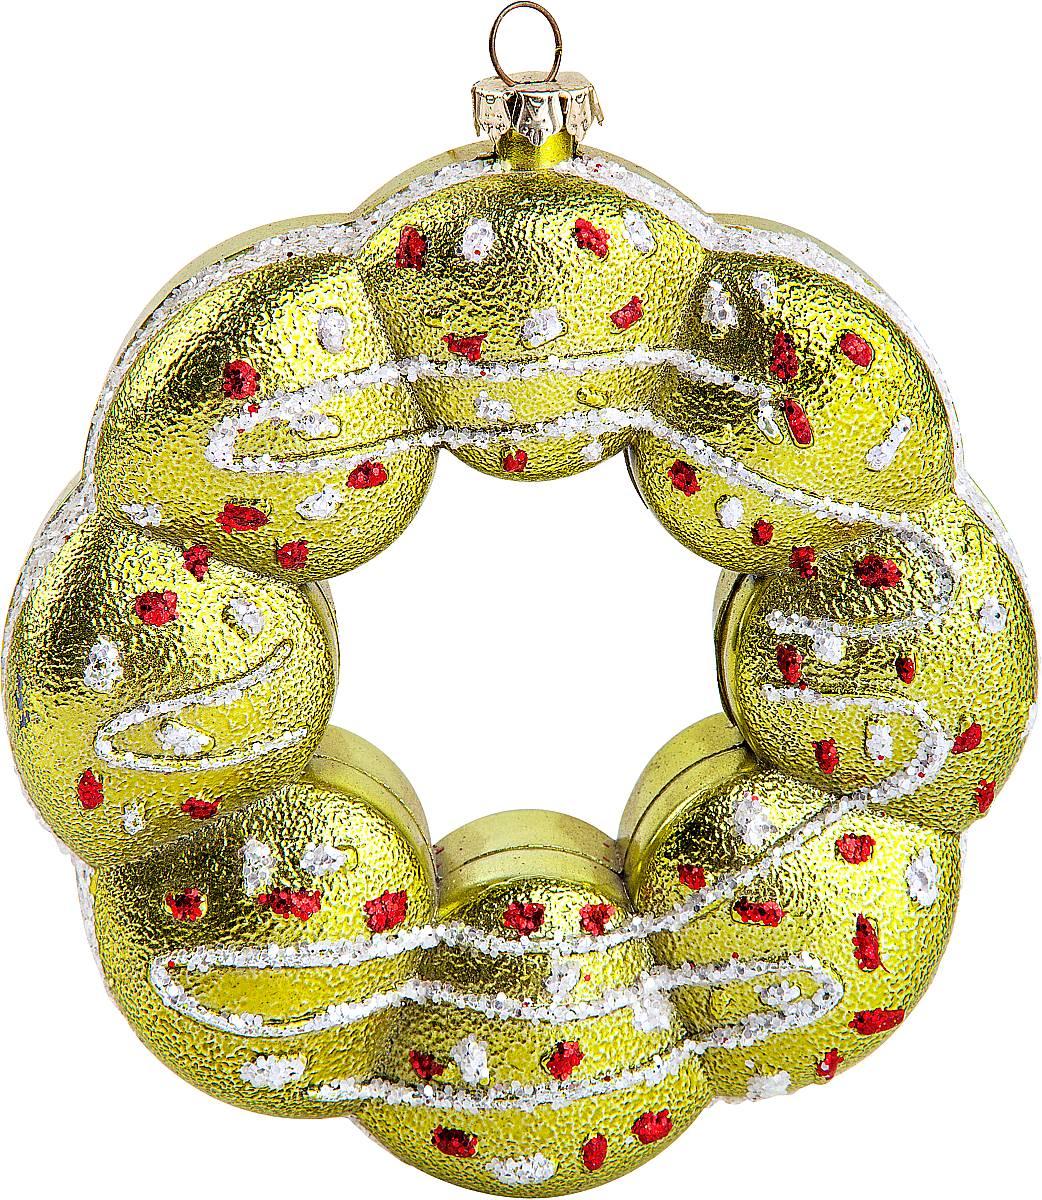 Украшение новогоднее подвесное Mister Christmas Пончик, высота 14 смCD-32Новогоднее подвесное украшение Mister Christmas Пончик прекрасно подойдет для праздничного декора новогодней ели. Украшение выполнено из пластика. Для удобного размещения на елке предусмотрена петелька. Елочная игрушка - символ Нового года. Она несет в себе волшебство и красоту праздника. Создайте в своем доме атмосферу веселья и радости, украшая новогоднюю елку нарядными игрушками, которые будут из года в год накапливать теплоту воспоминаний.